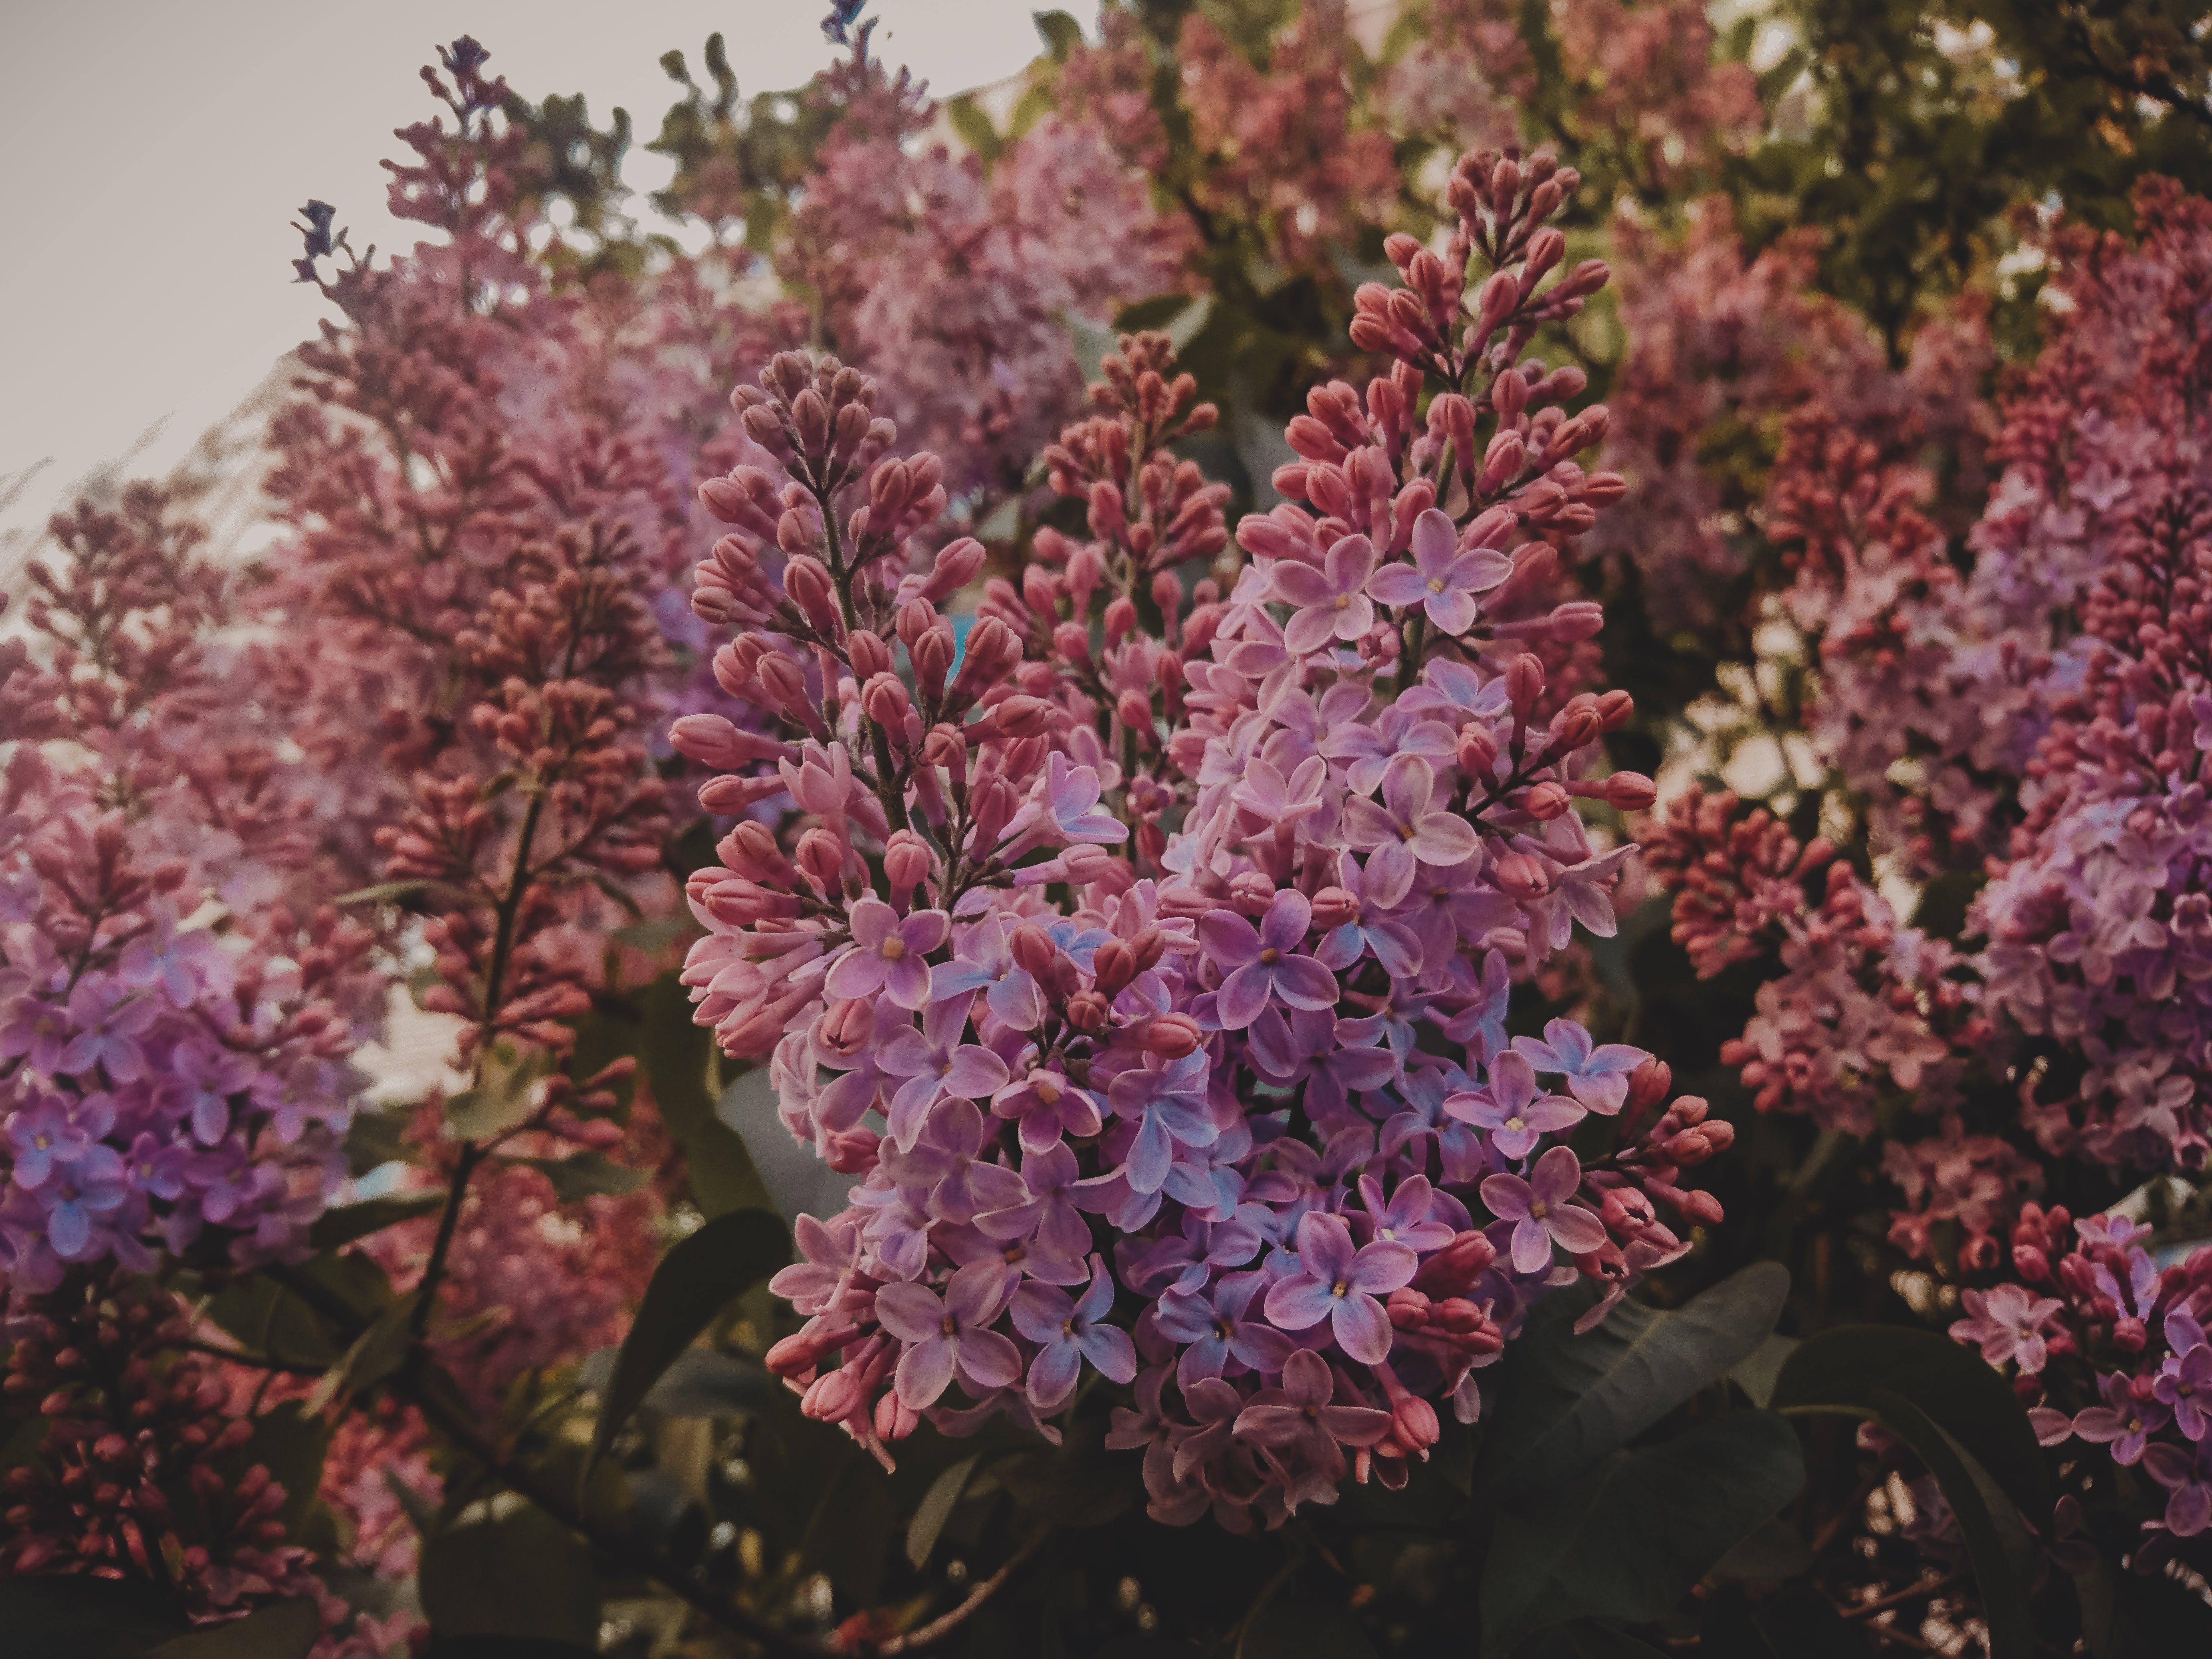 Gratis lagerfoto af blomster, blomsterknopper, blomstrende, Botanisk